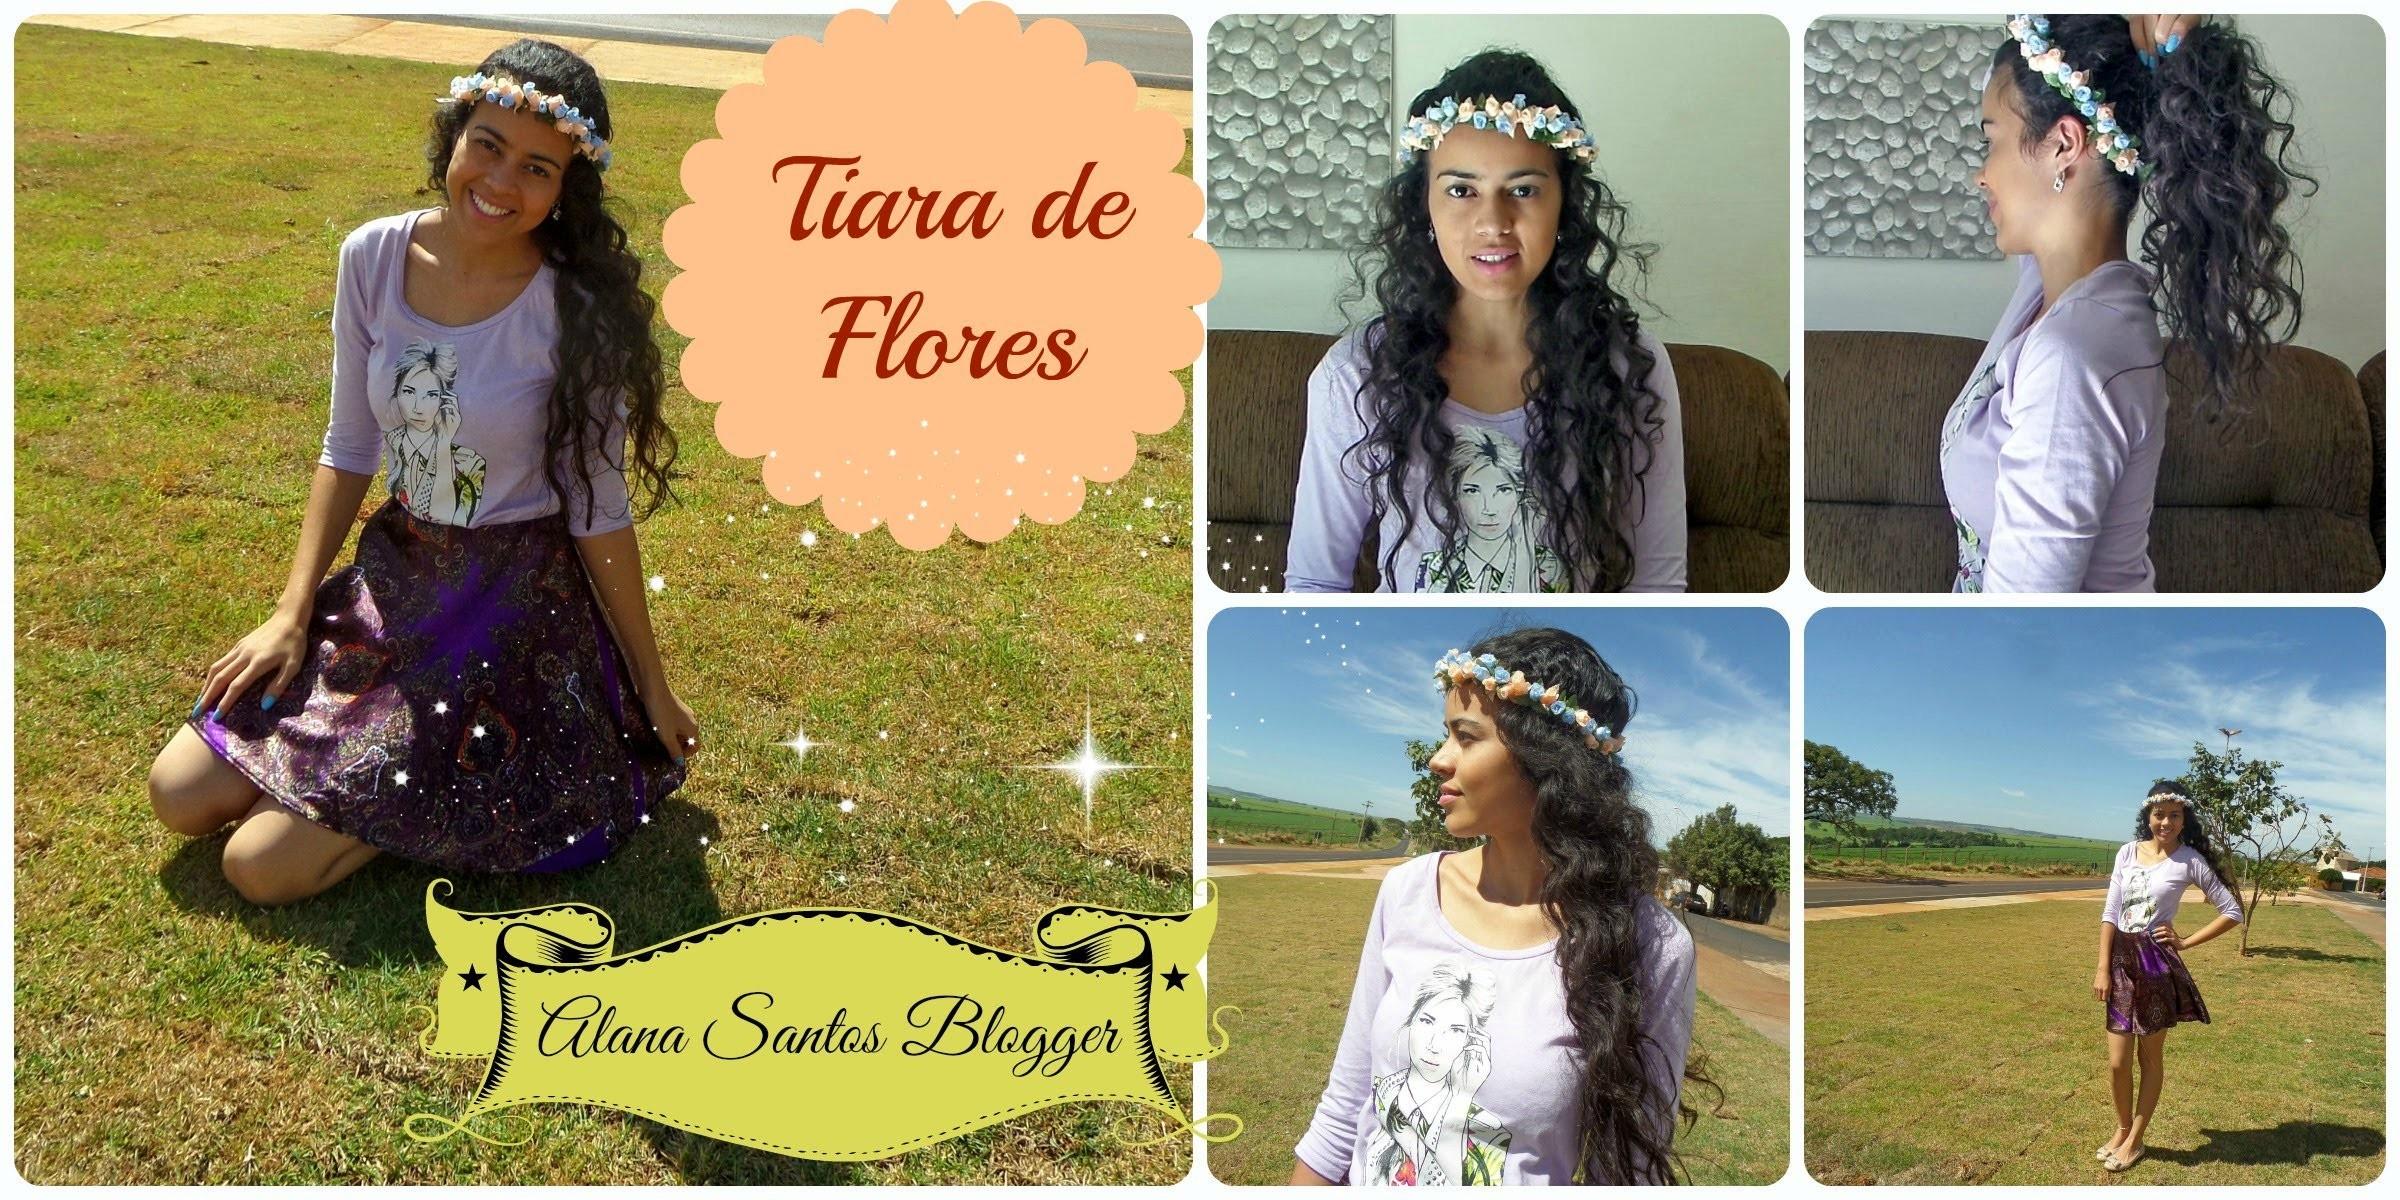 DIY Como fazer Tiara de Flores  com Alana Santos Blogger